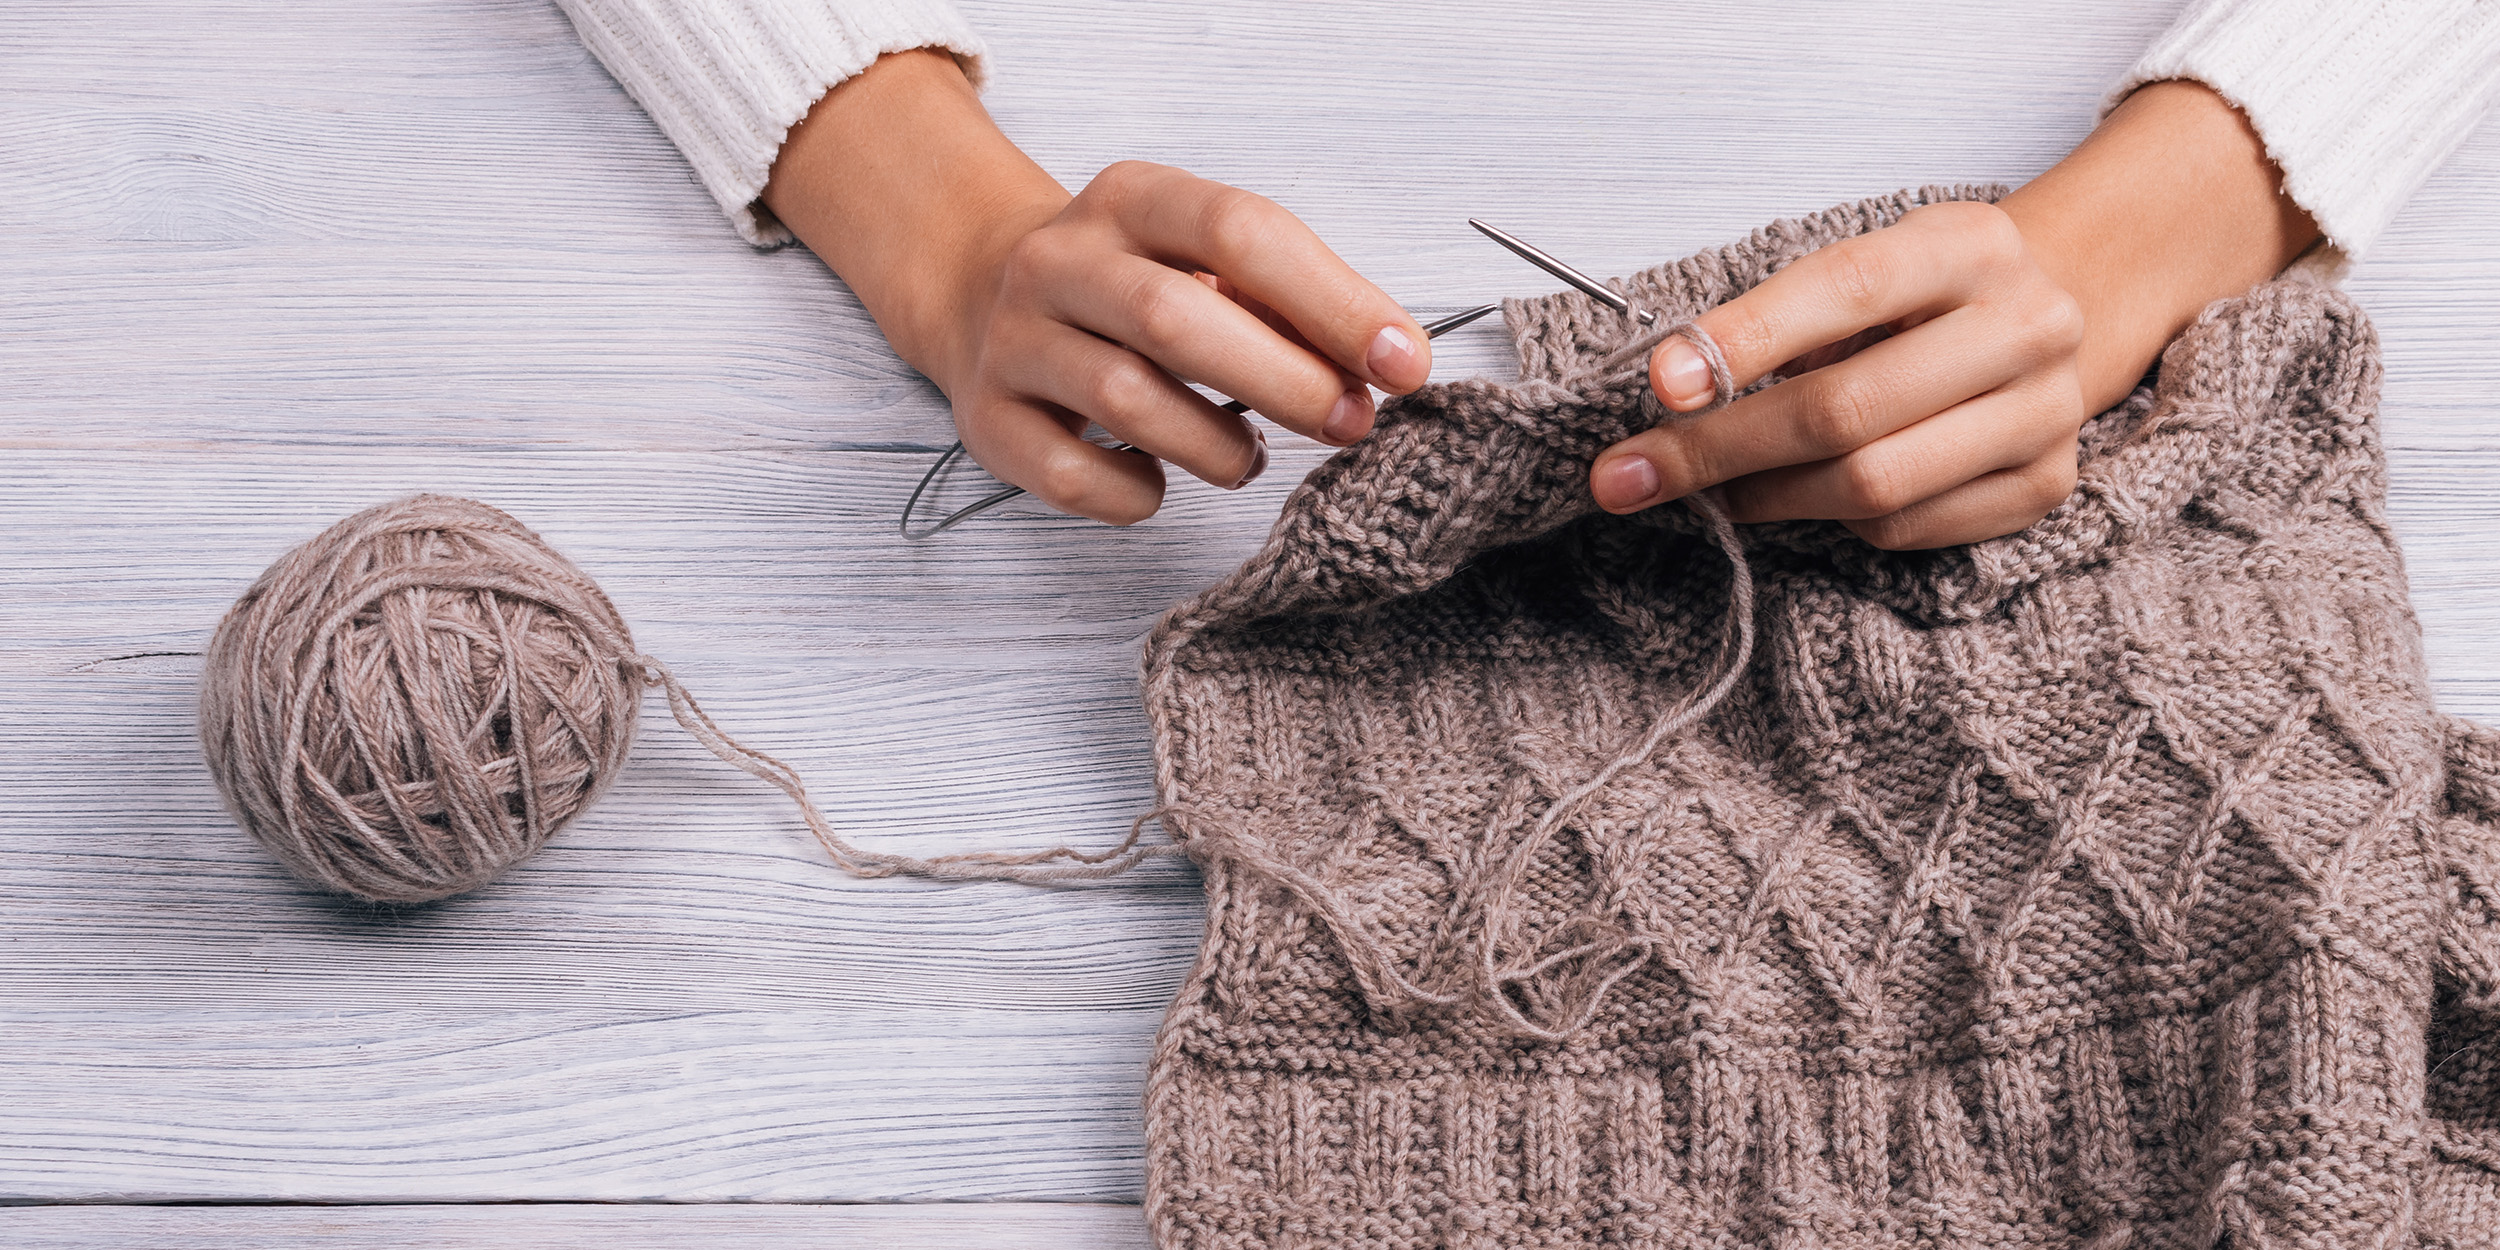 Не просто увлечение: ученые определили пользу вязания — фото 1